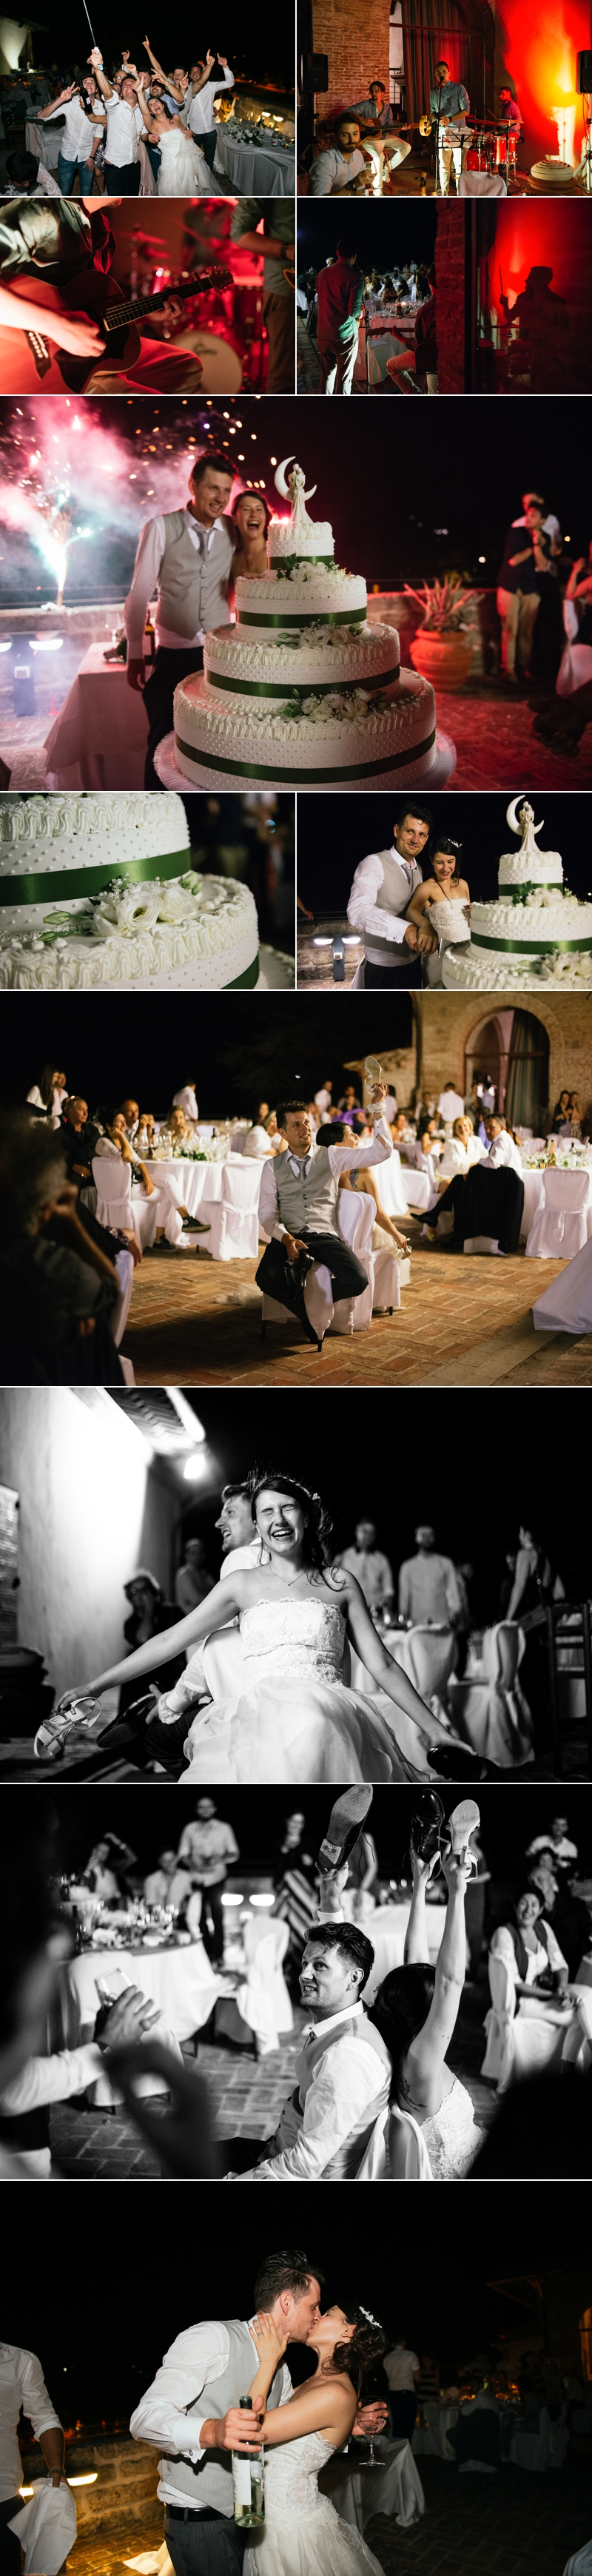 fotografo-matrimonio-castello-capitano-artiglierie-chateau-terra-del-sole-7